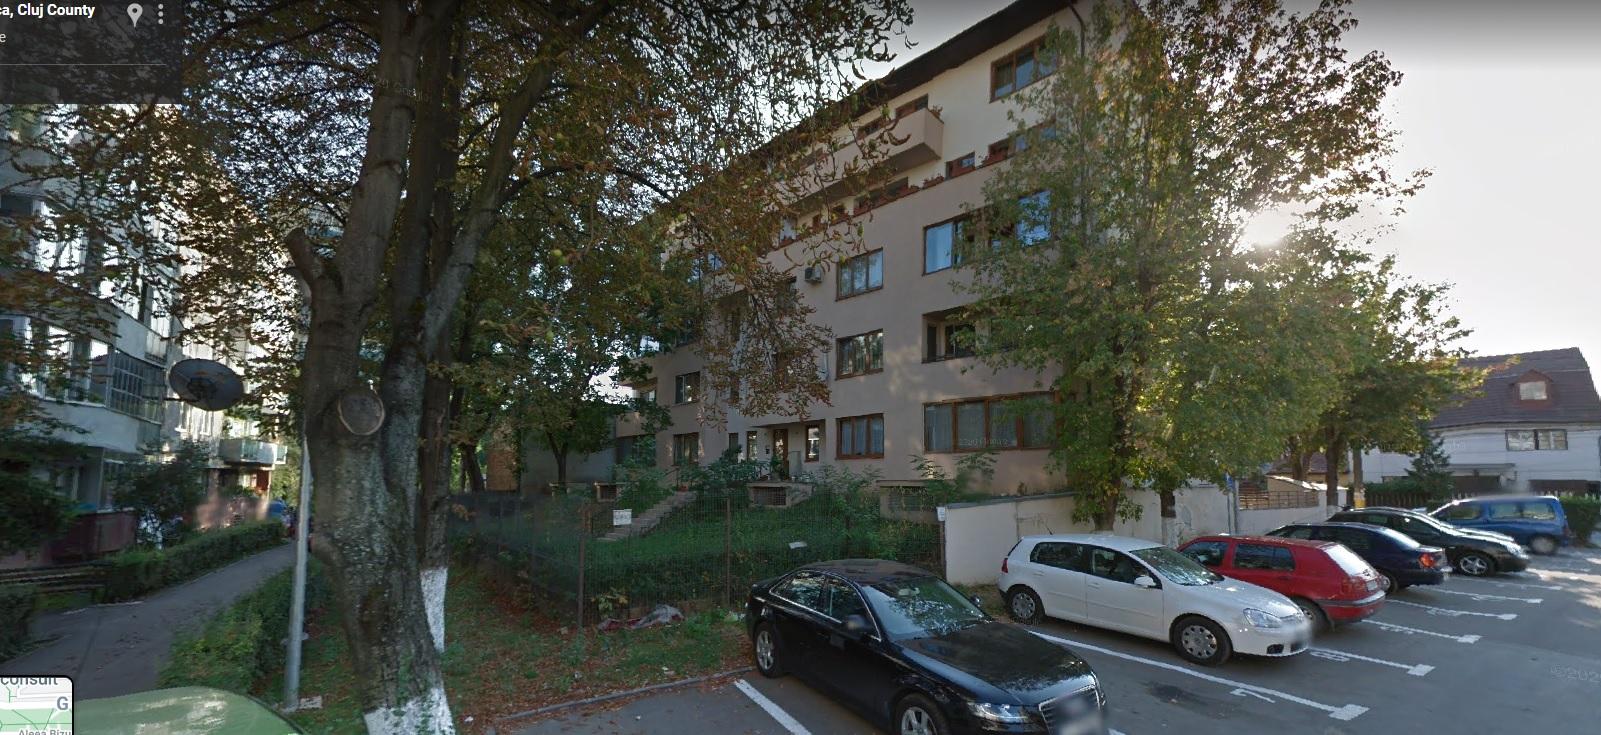 Poză cu două blocuri, unul în stânga, altul în dreapta. Între ele, o zonă verde și un șir de copaci. Se vede și o parcare.